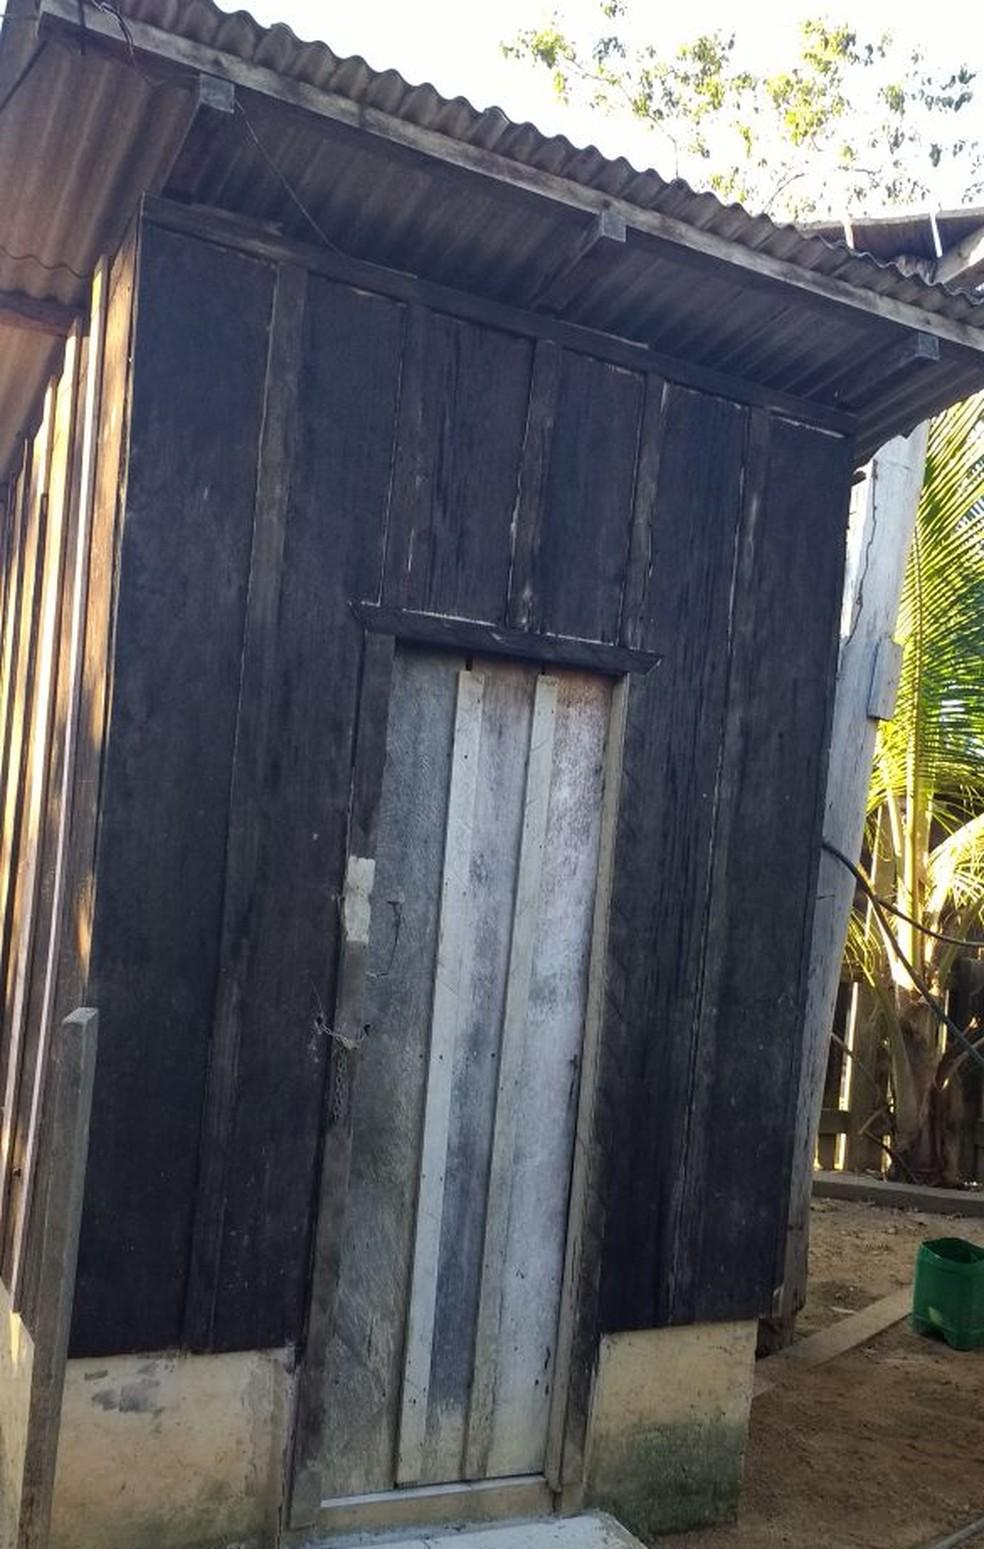 Há um banheiro adequado com sanitário e chuveiro, porém, os proprietários o deixam trancado com cadeado e corrente, obrigando a vítima a tomar banho de mangueira (Foto: Polícia Civil de MT)